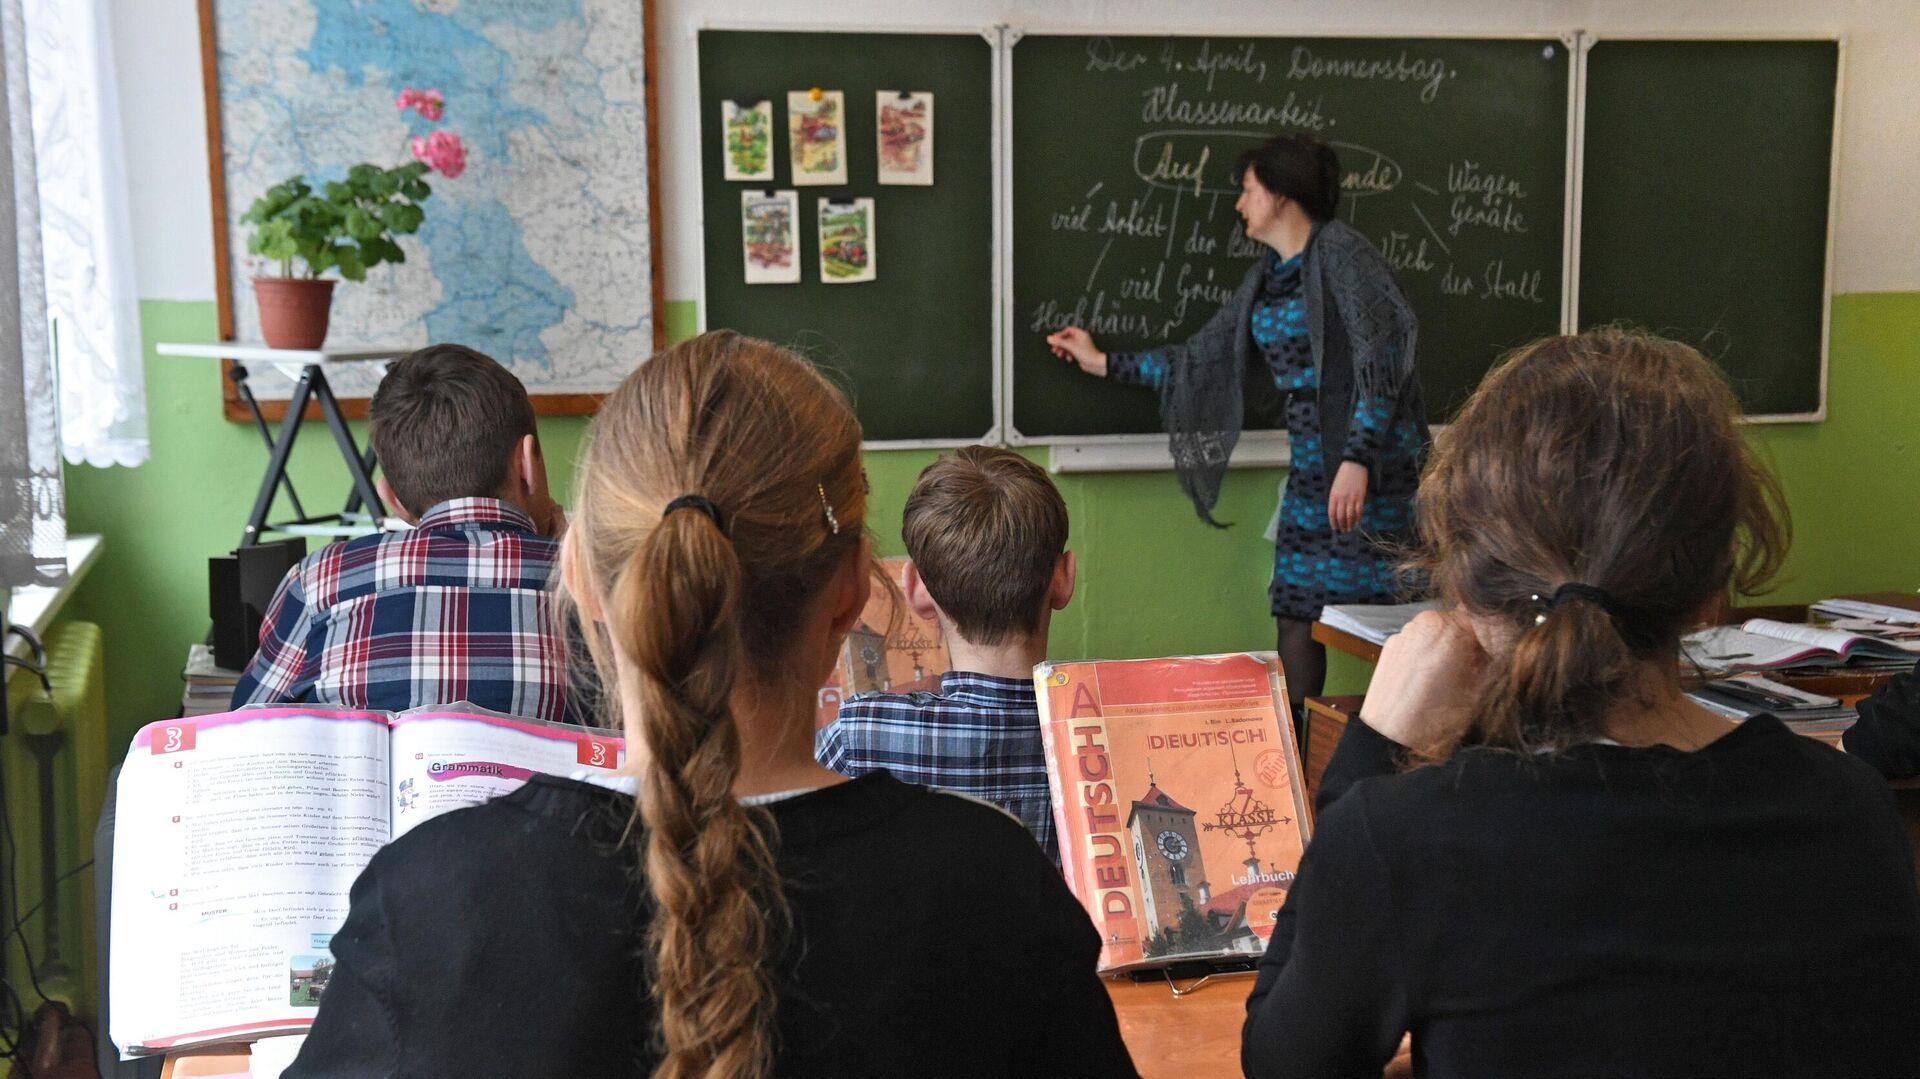 Ученики на уроке в школе - РИА Новости, 1920, 30.09.2020